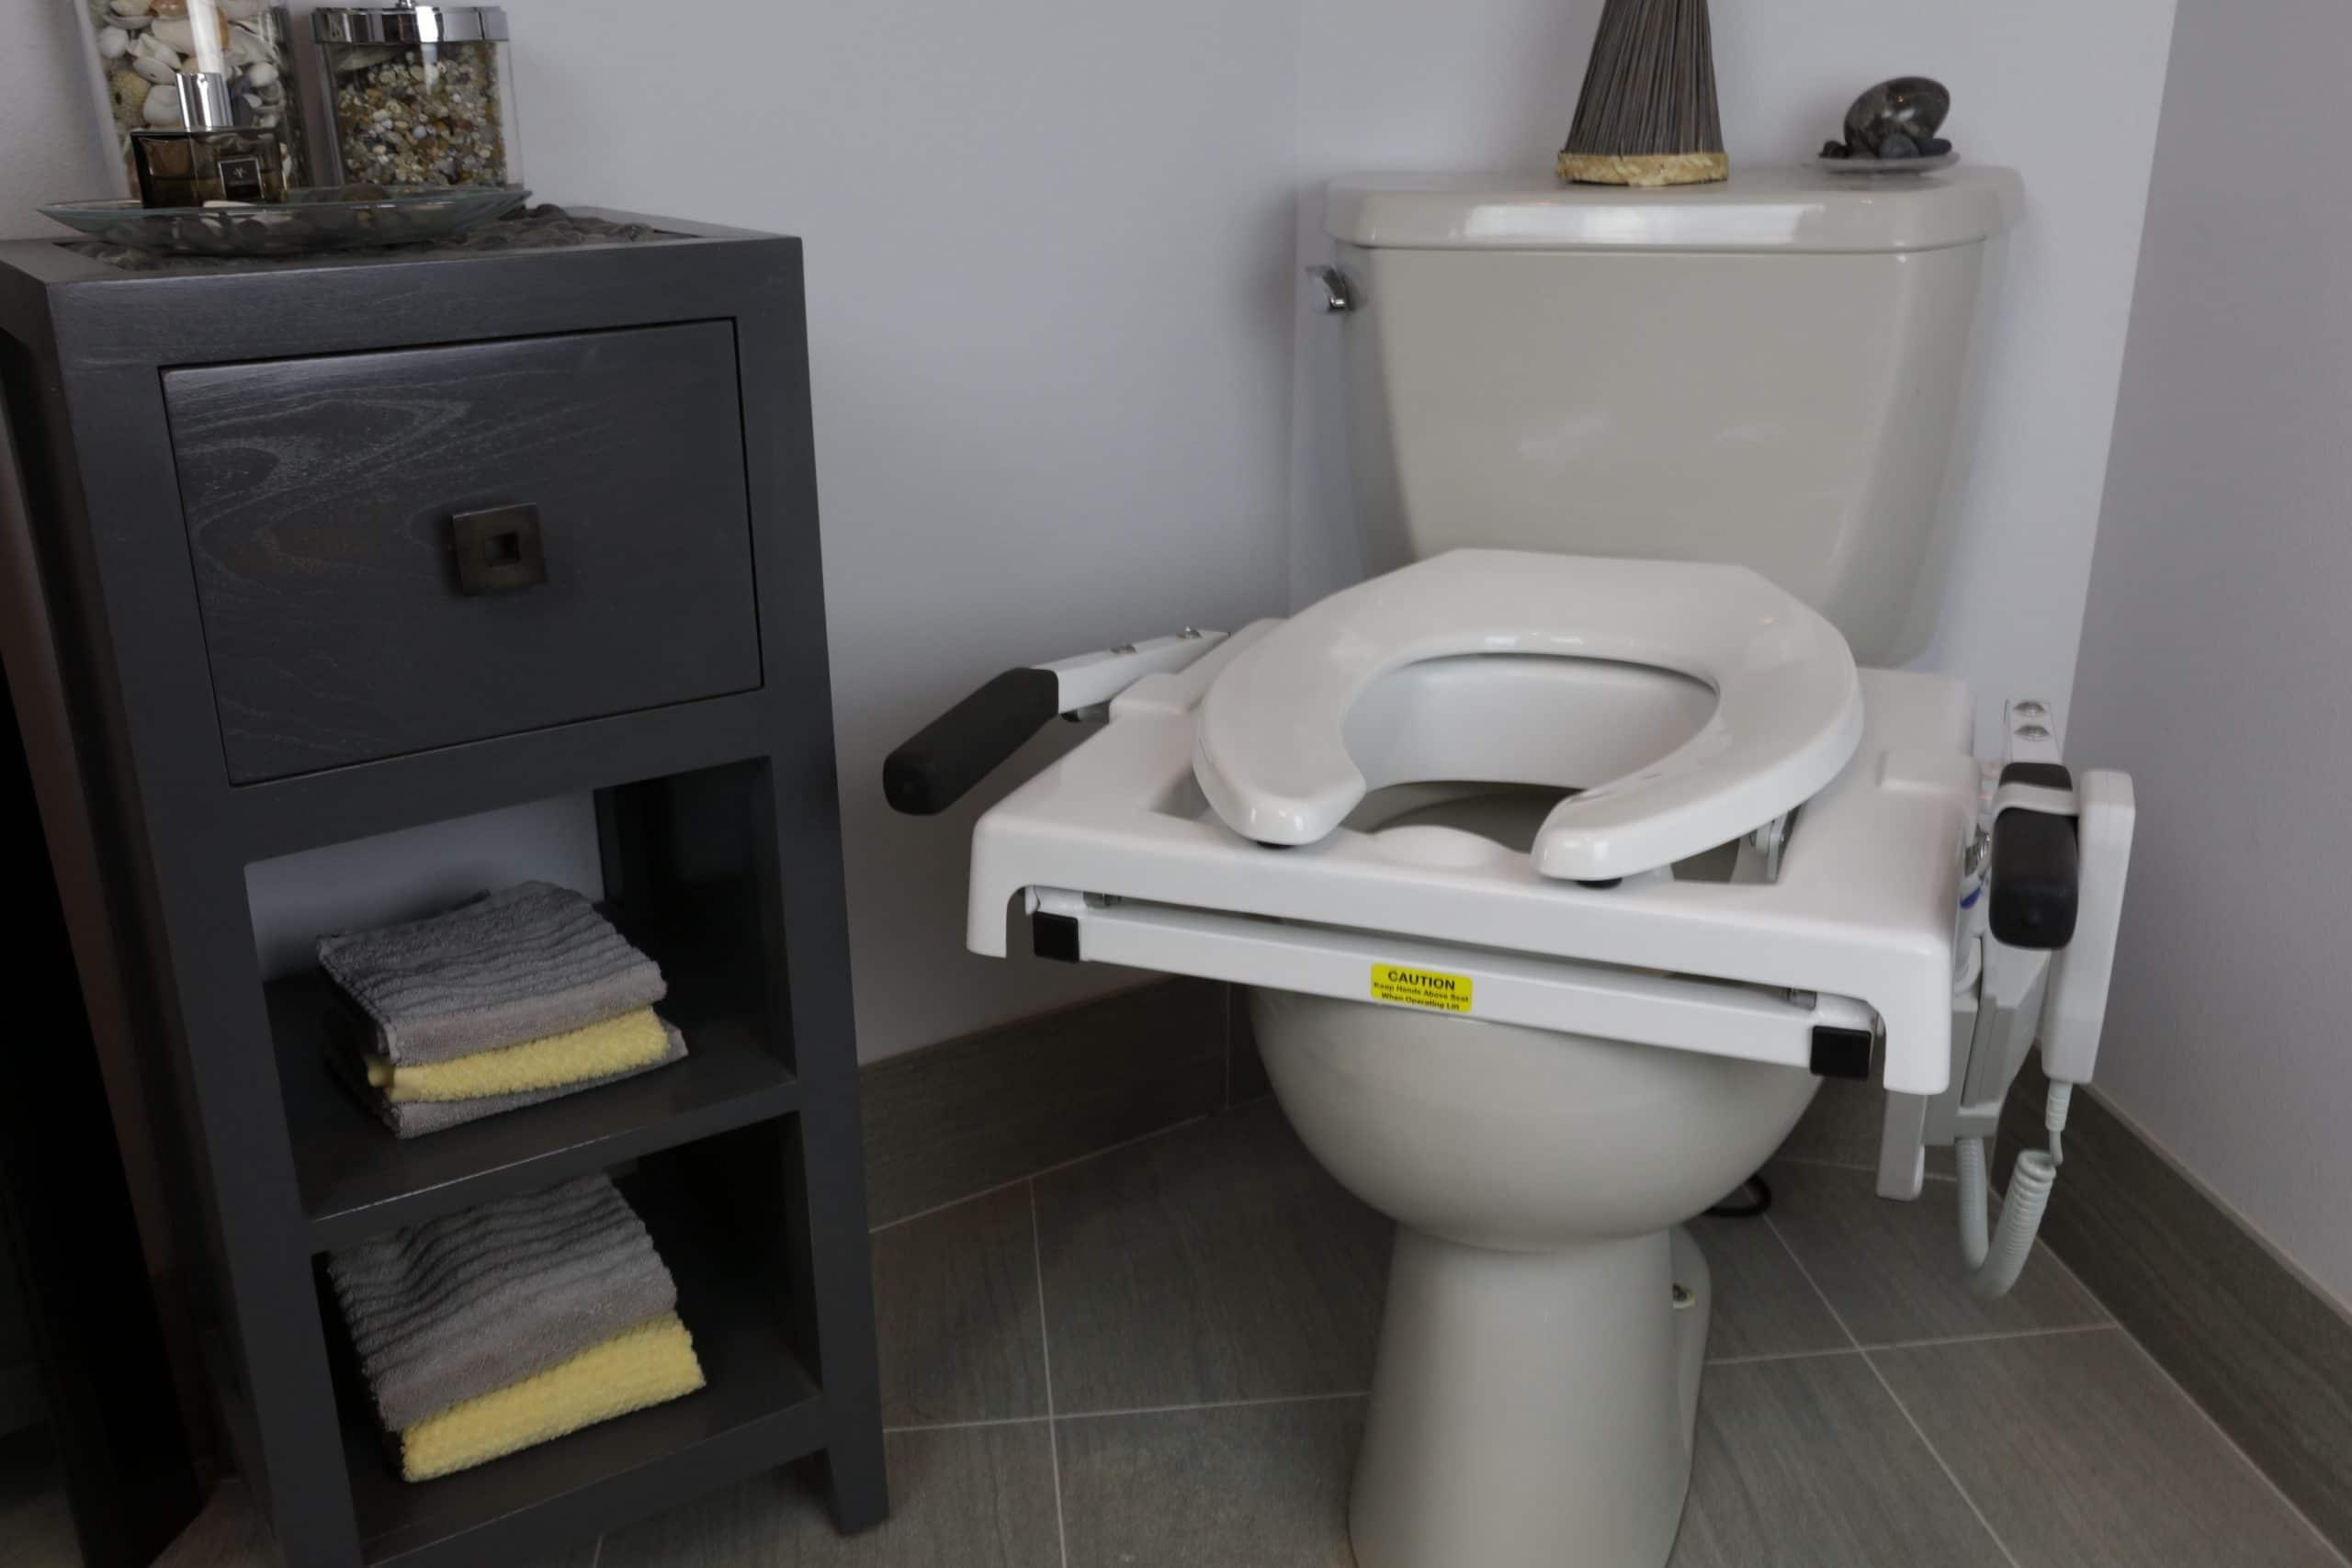 Toilet Tilts – 2